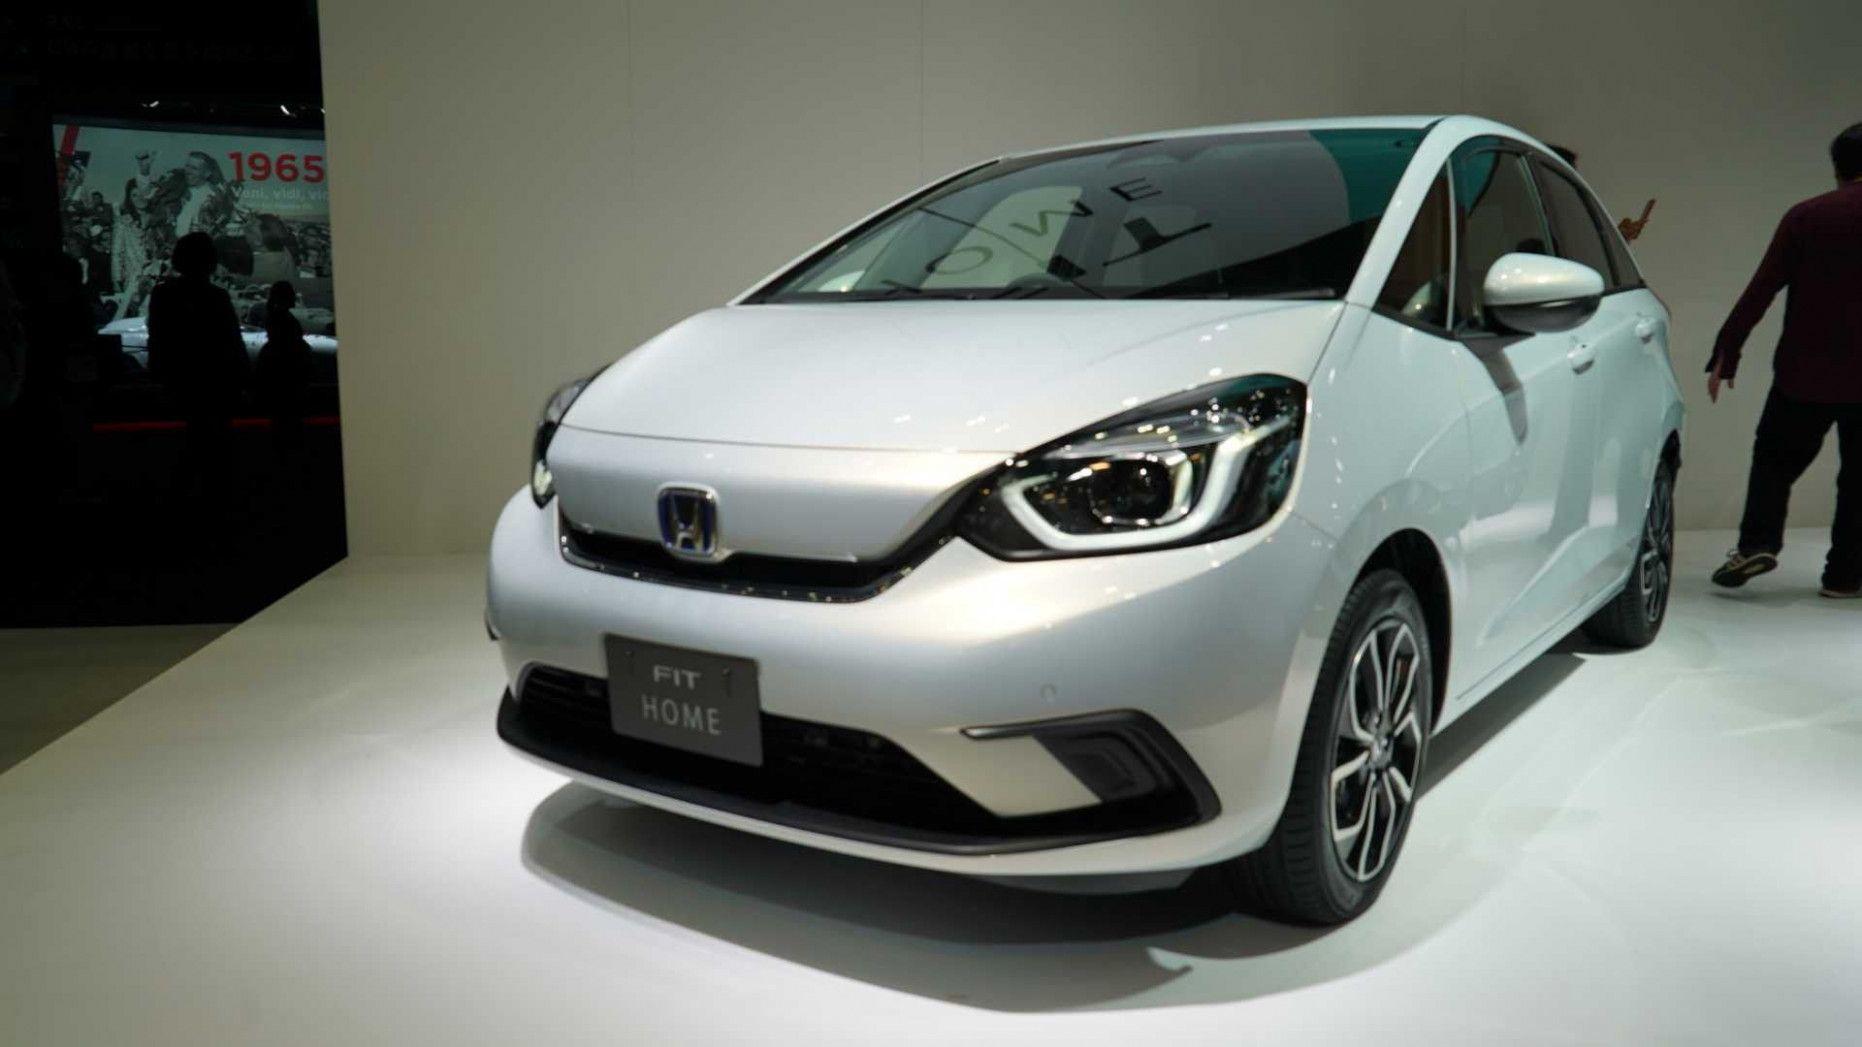 7 Picture Honda Fit 2020 in 2020 Honda jazz, Honda fit